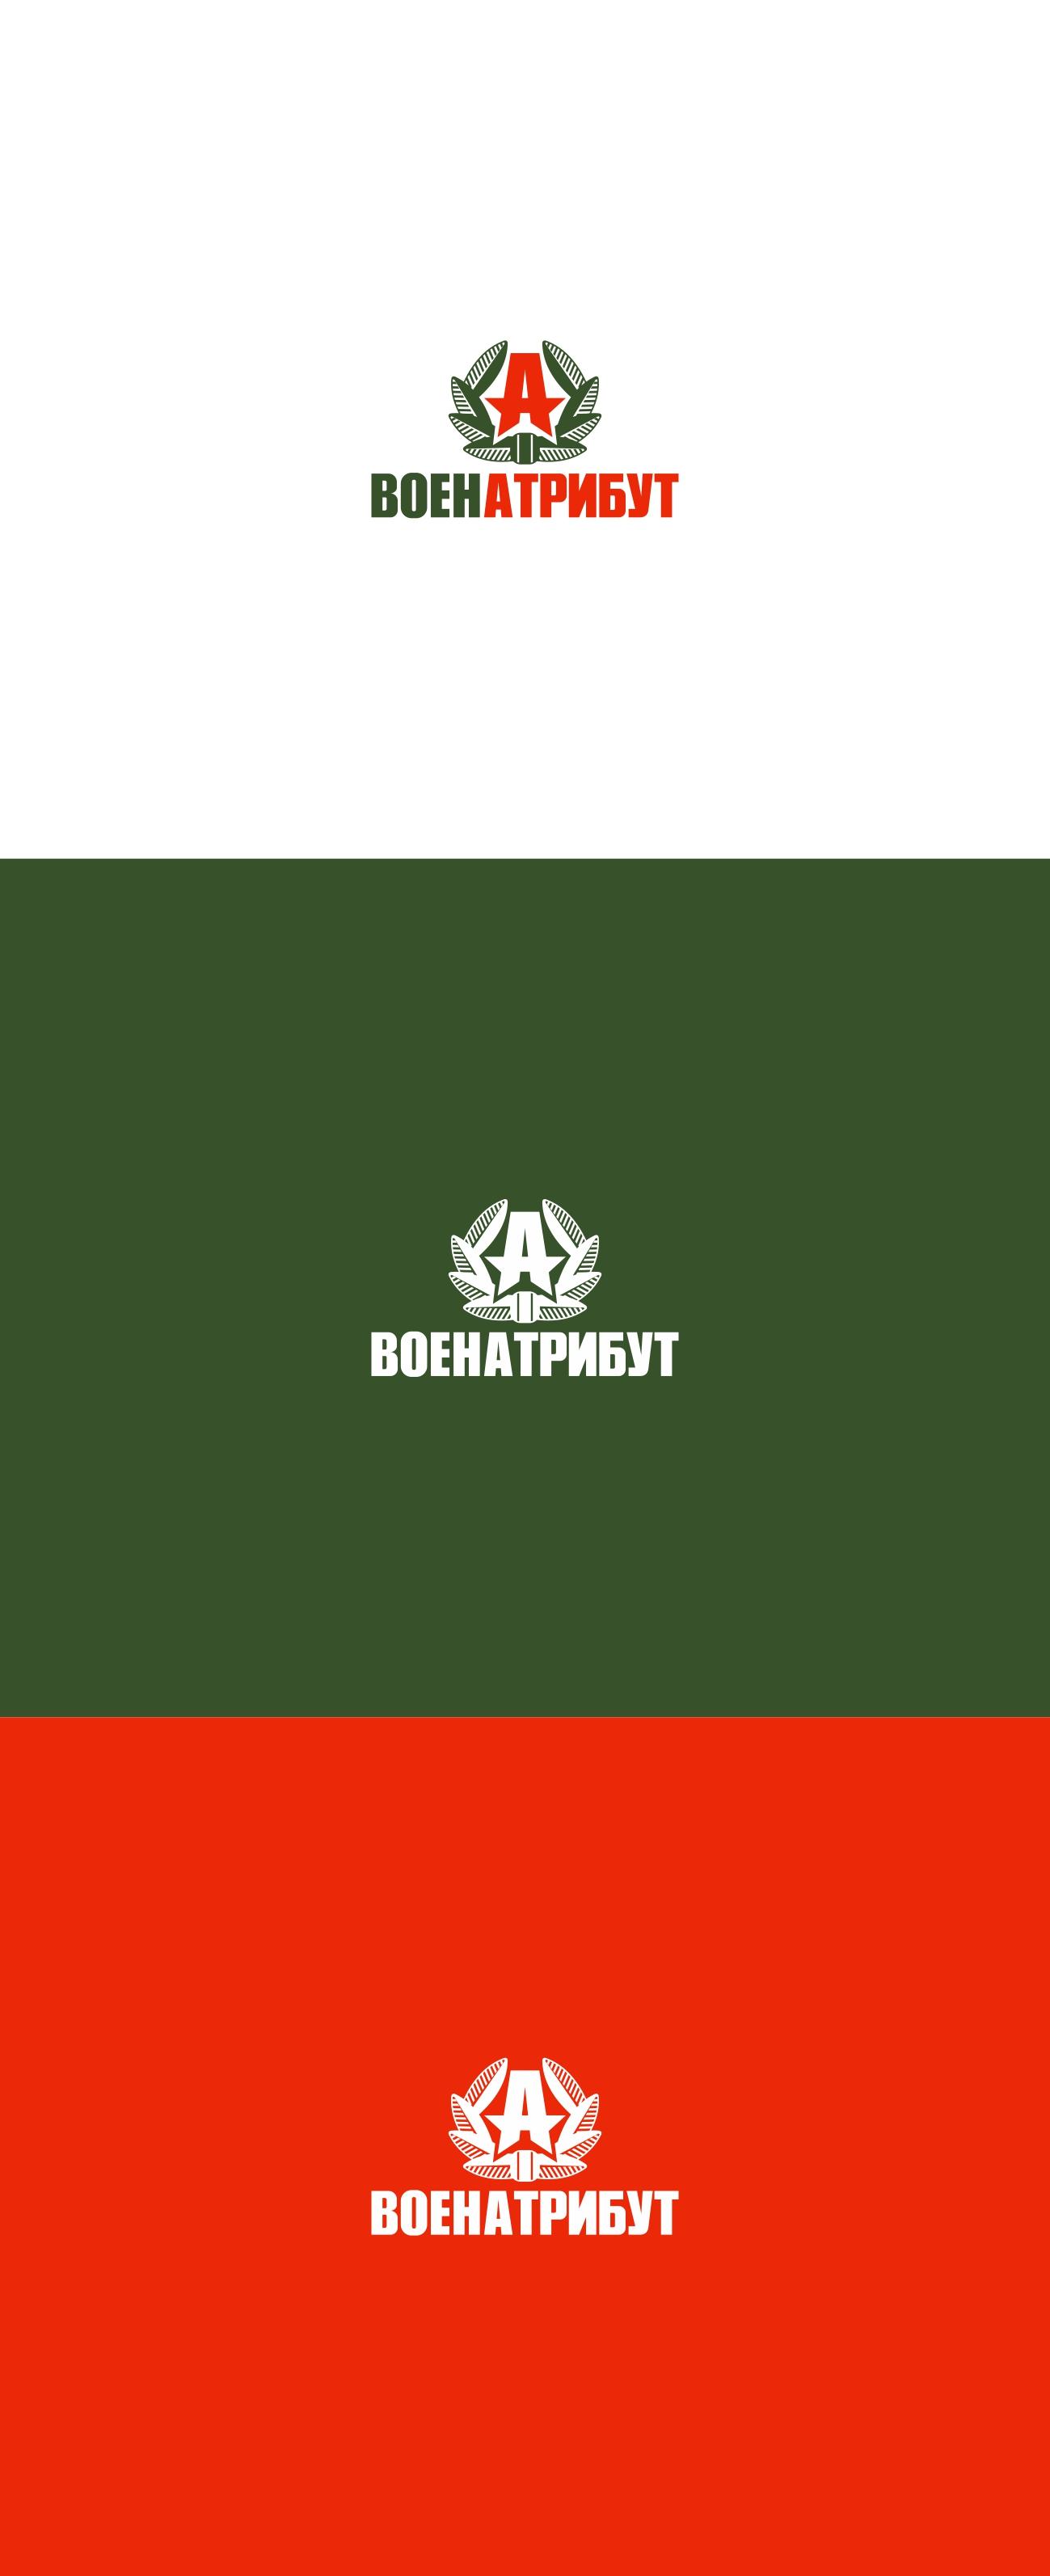 Разработка логотипа для компании военной тематики фото f_998601d1de1cc98c.jpg